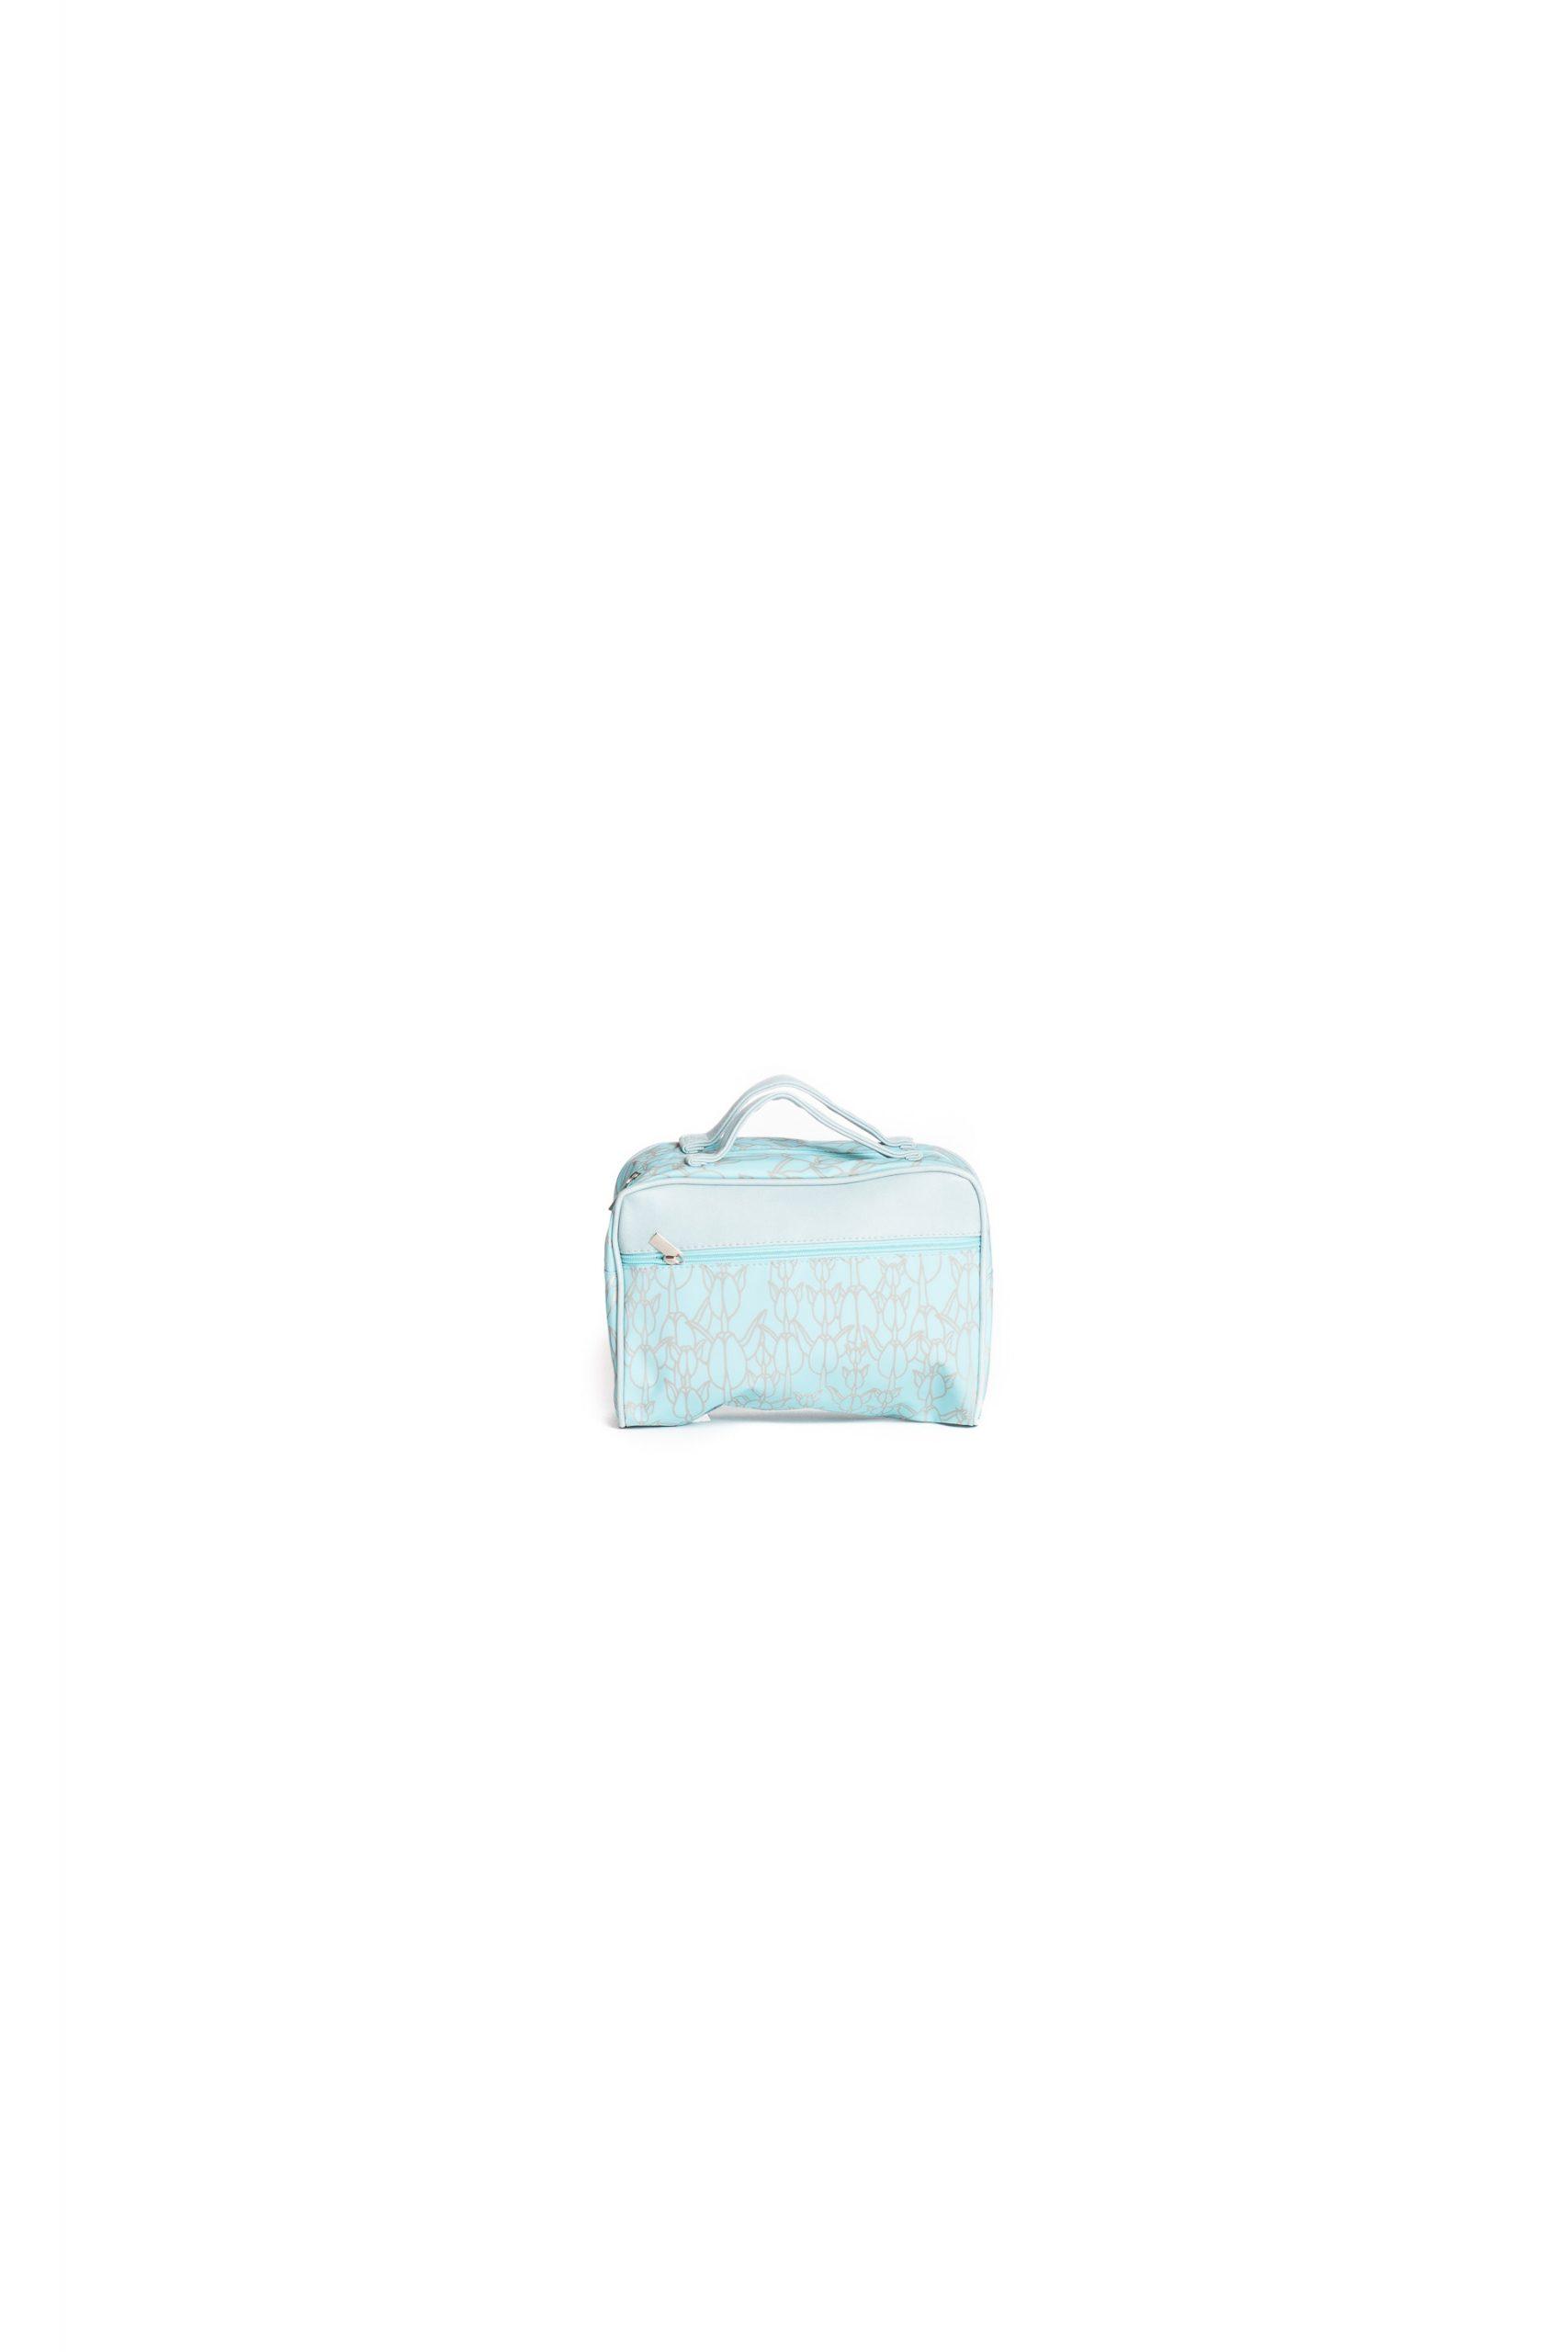 Auau Wash Bag in Blue